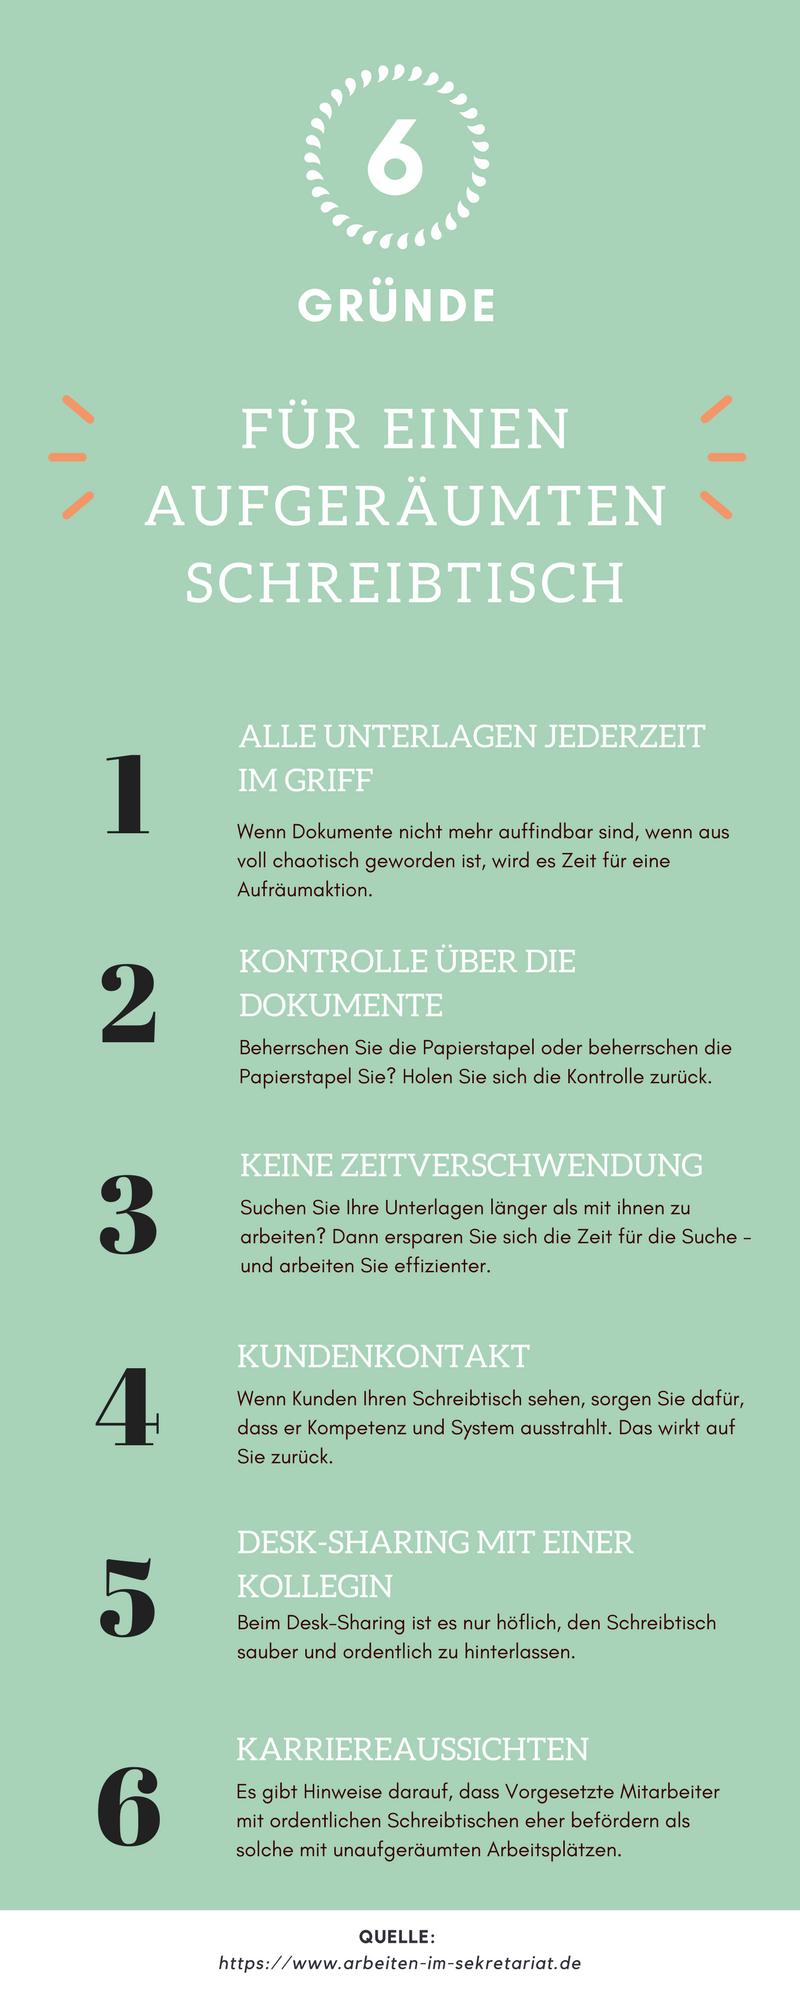 6 Gründe für einen aufgeräumten Schreibtisch